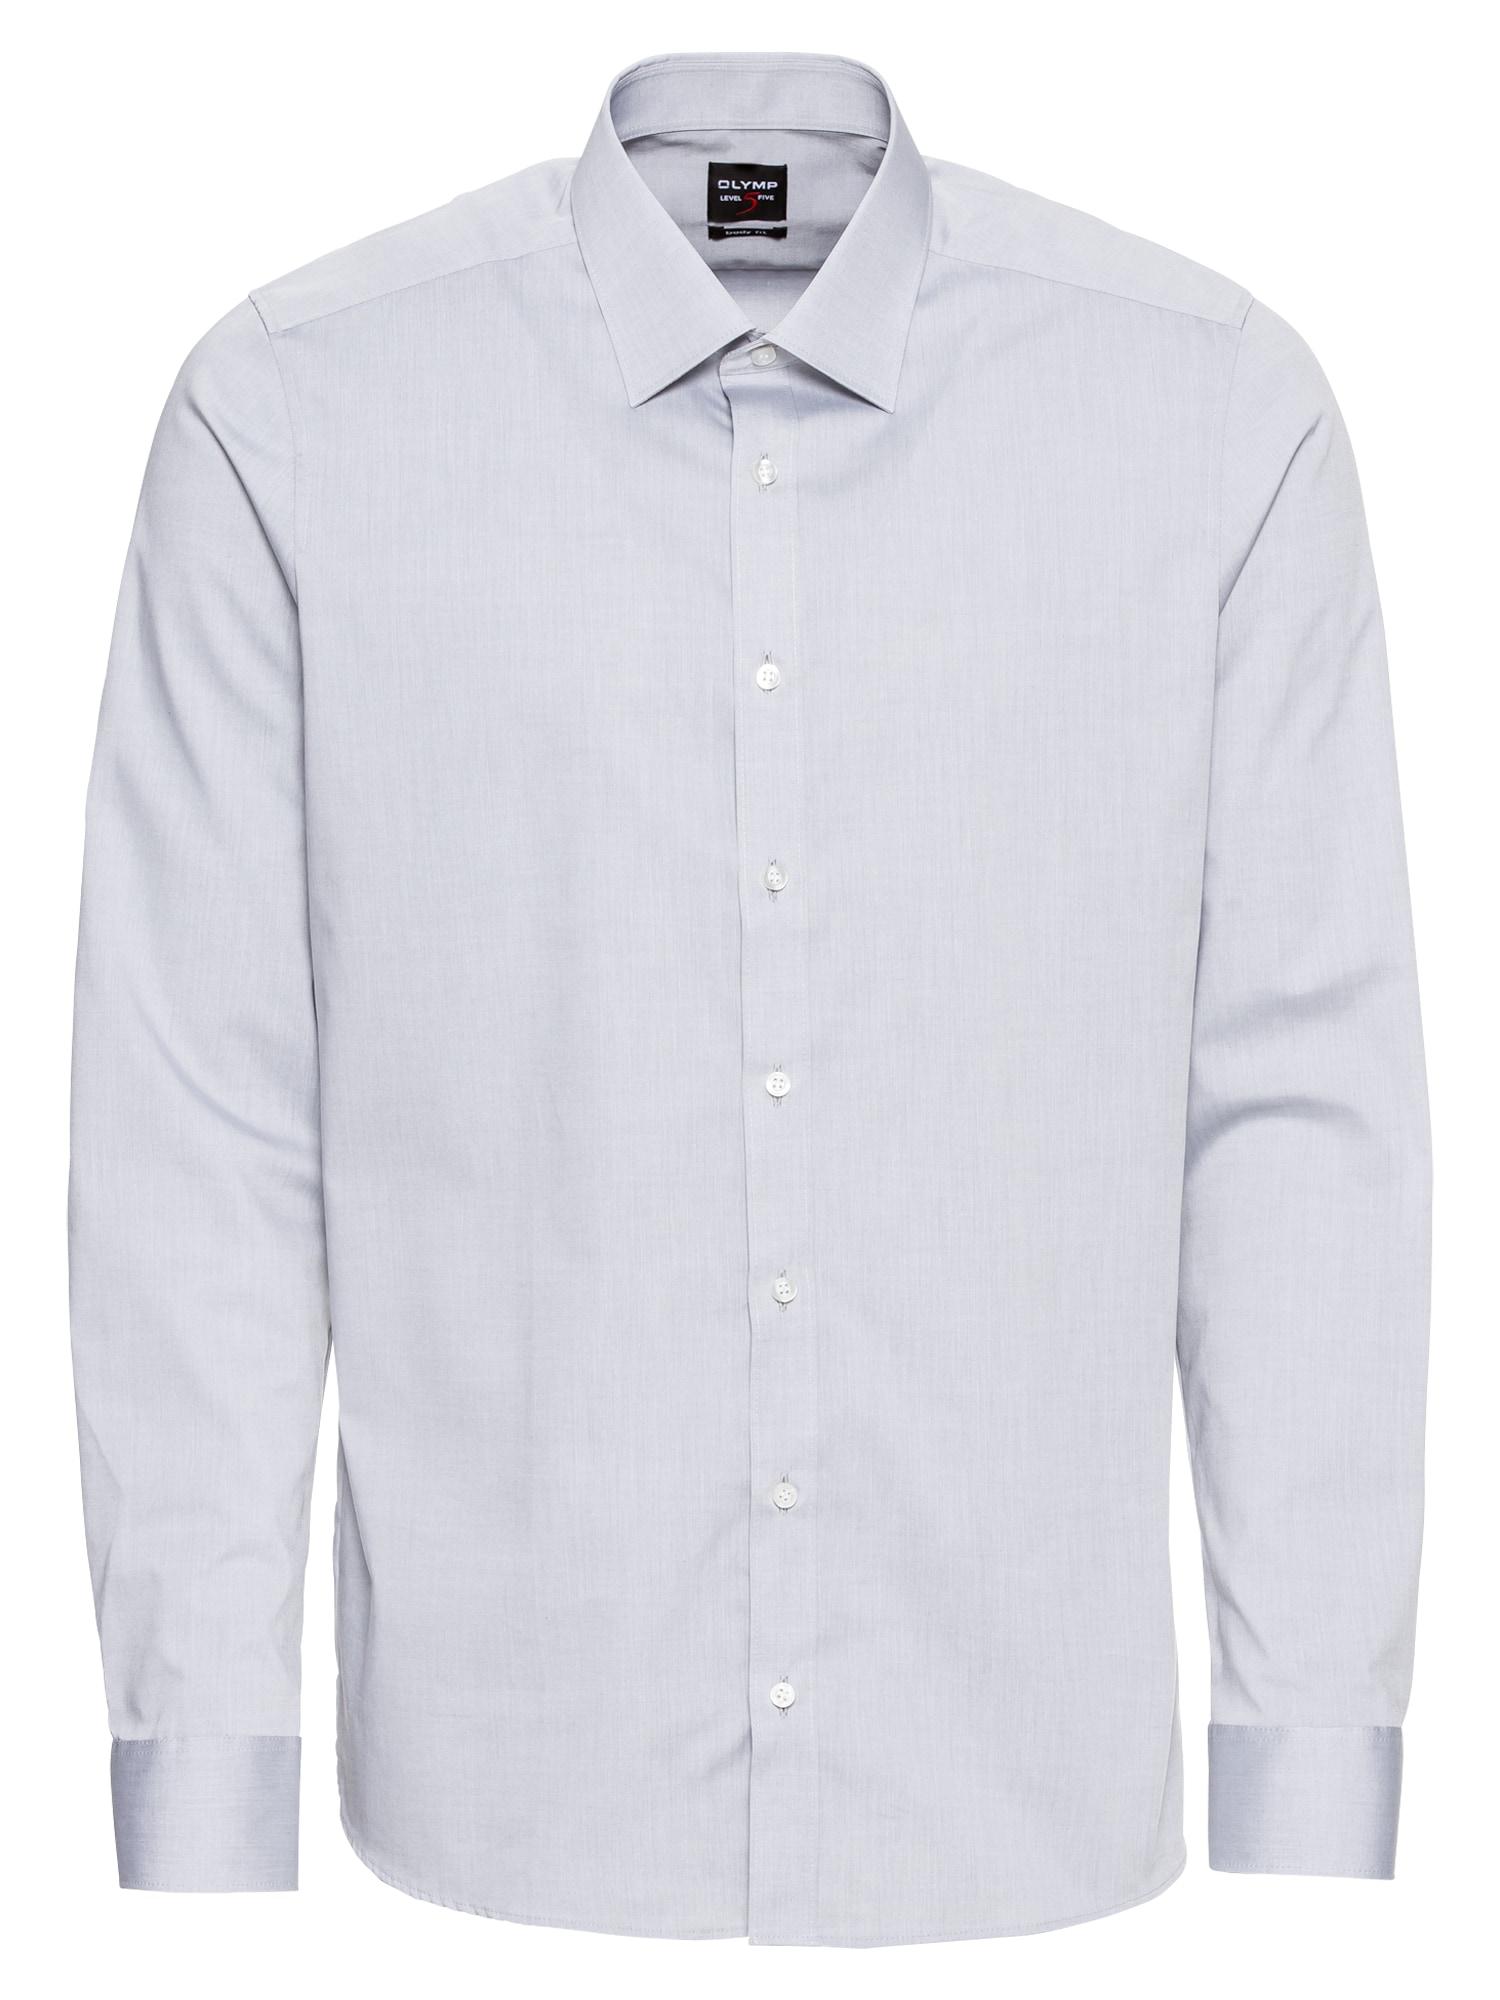 Společenská košile Level 5 Chambray světle šedá OLYMP